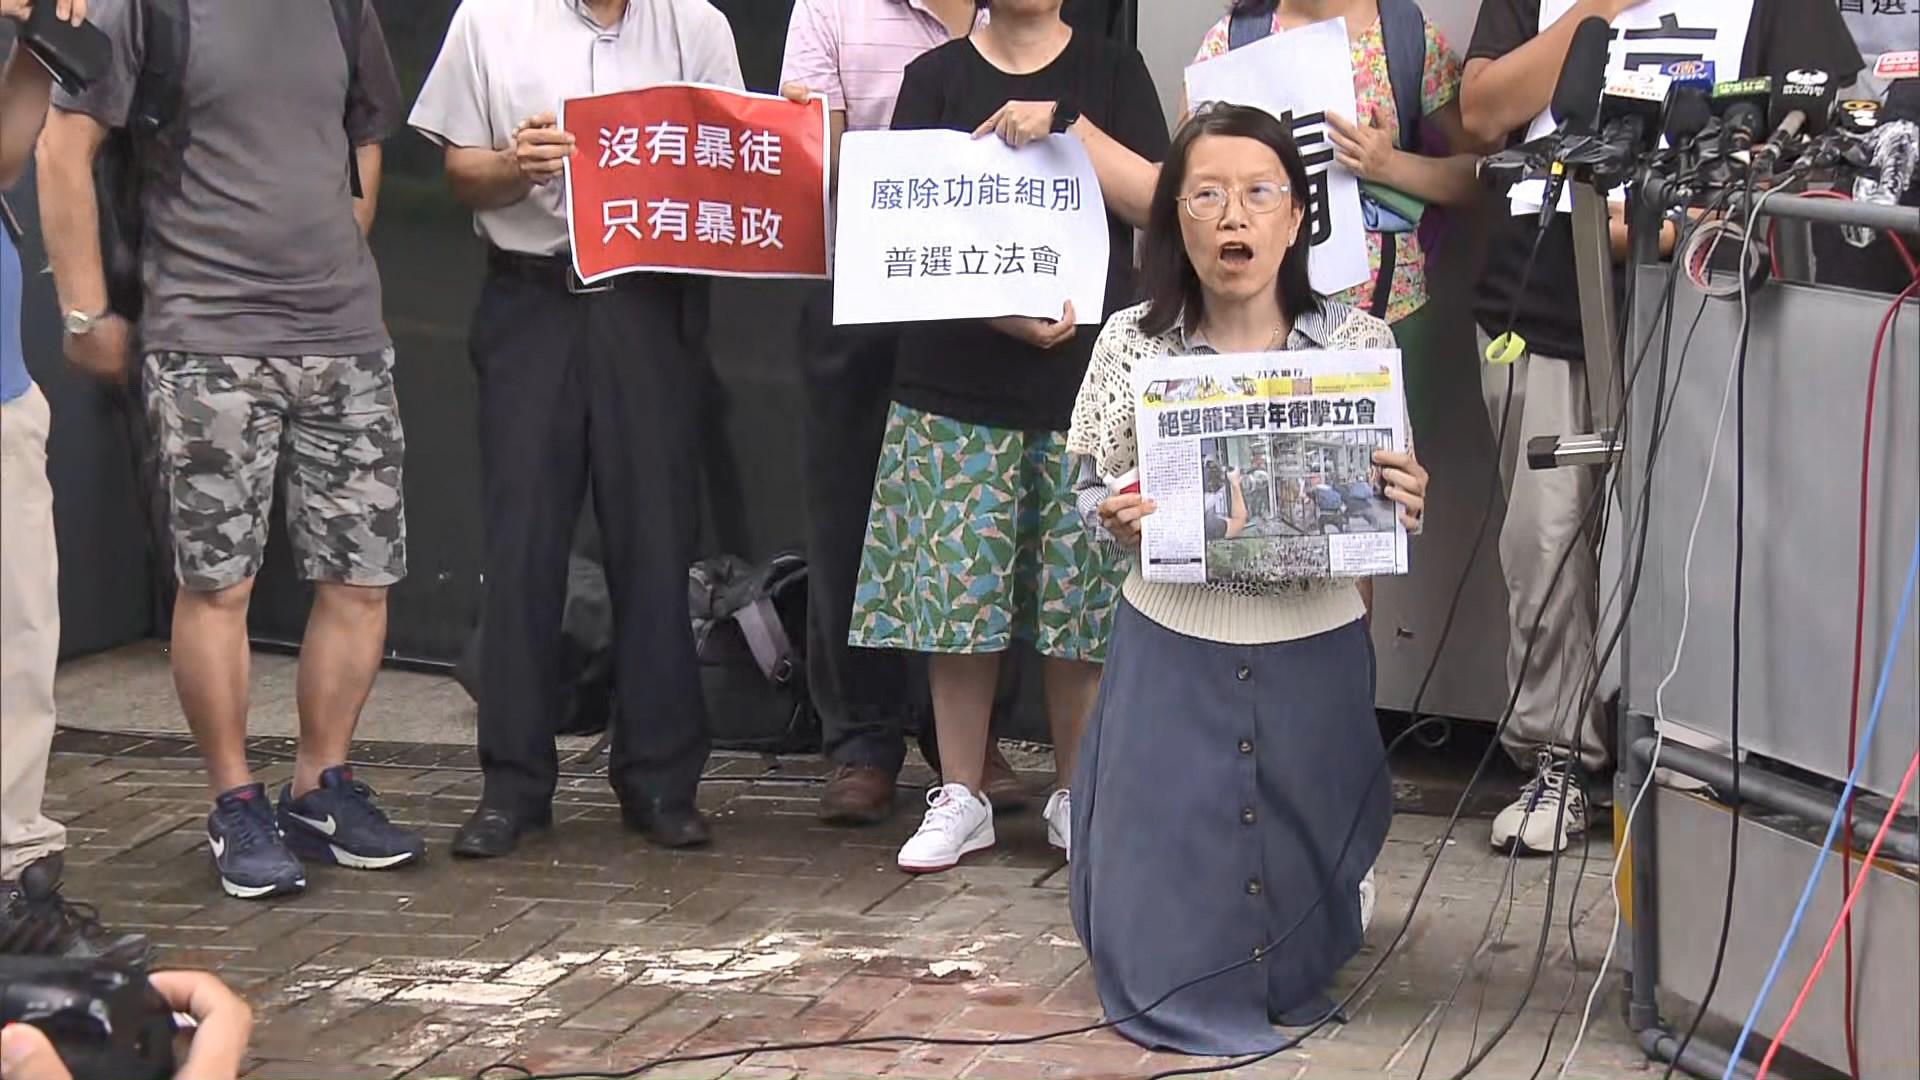 反送中聯席稱示威者衝擊升級罪魁是行政長官